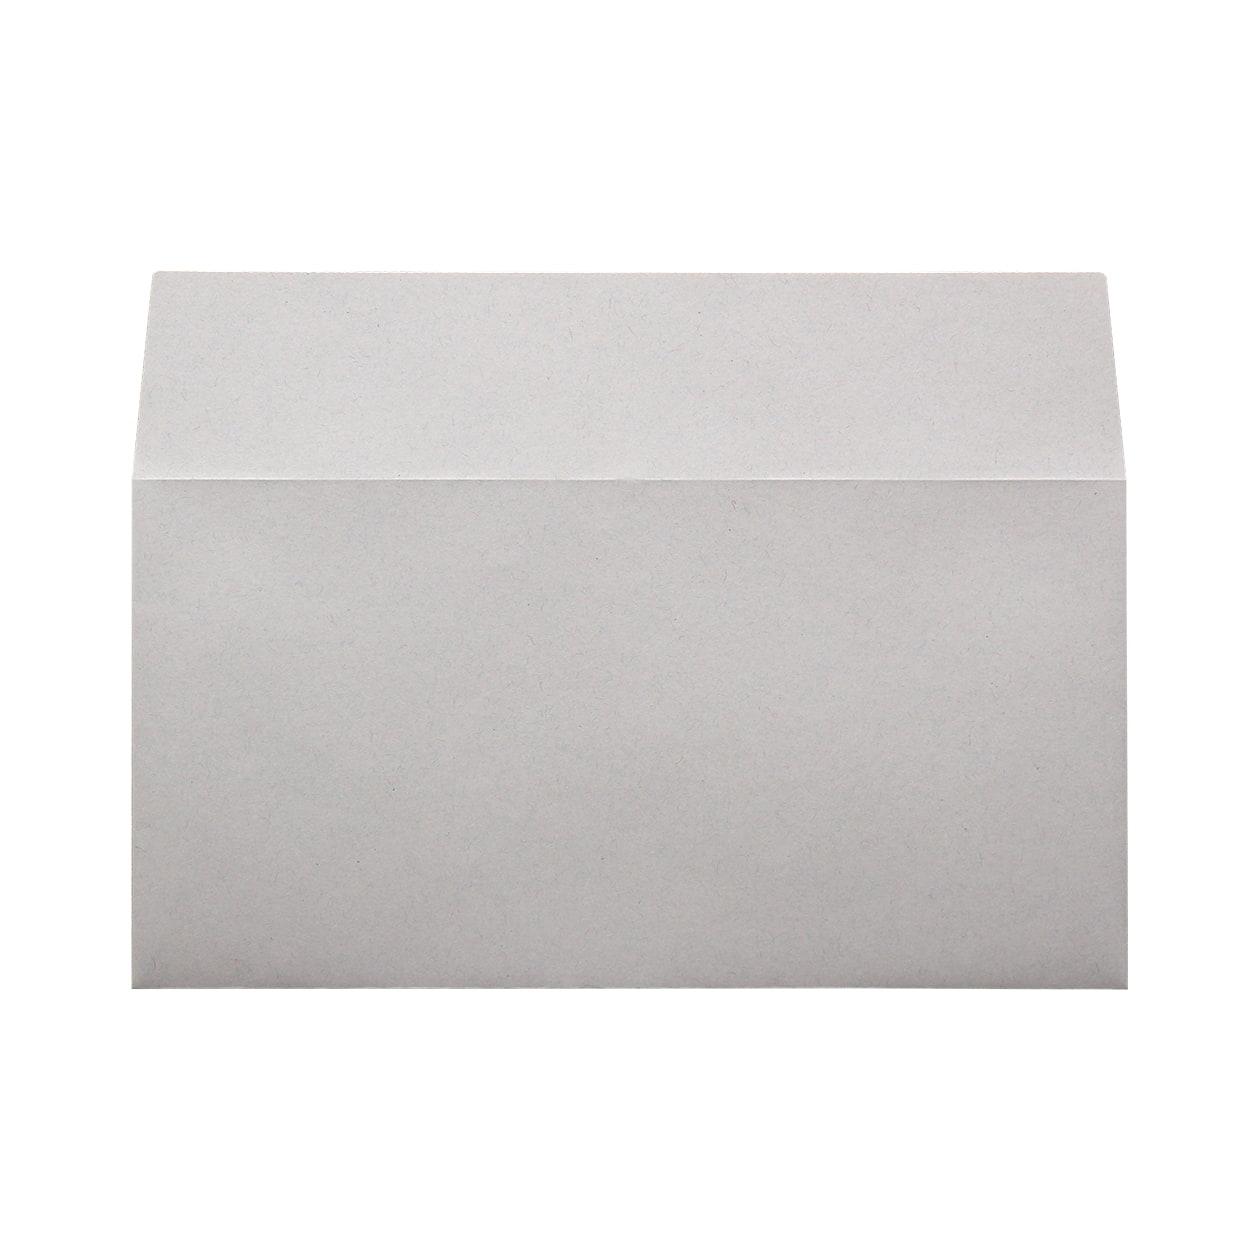 長3カマス封筒(フタ立て) HAGURUMA Basic ライナーグレイ 100g